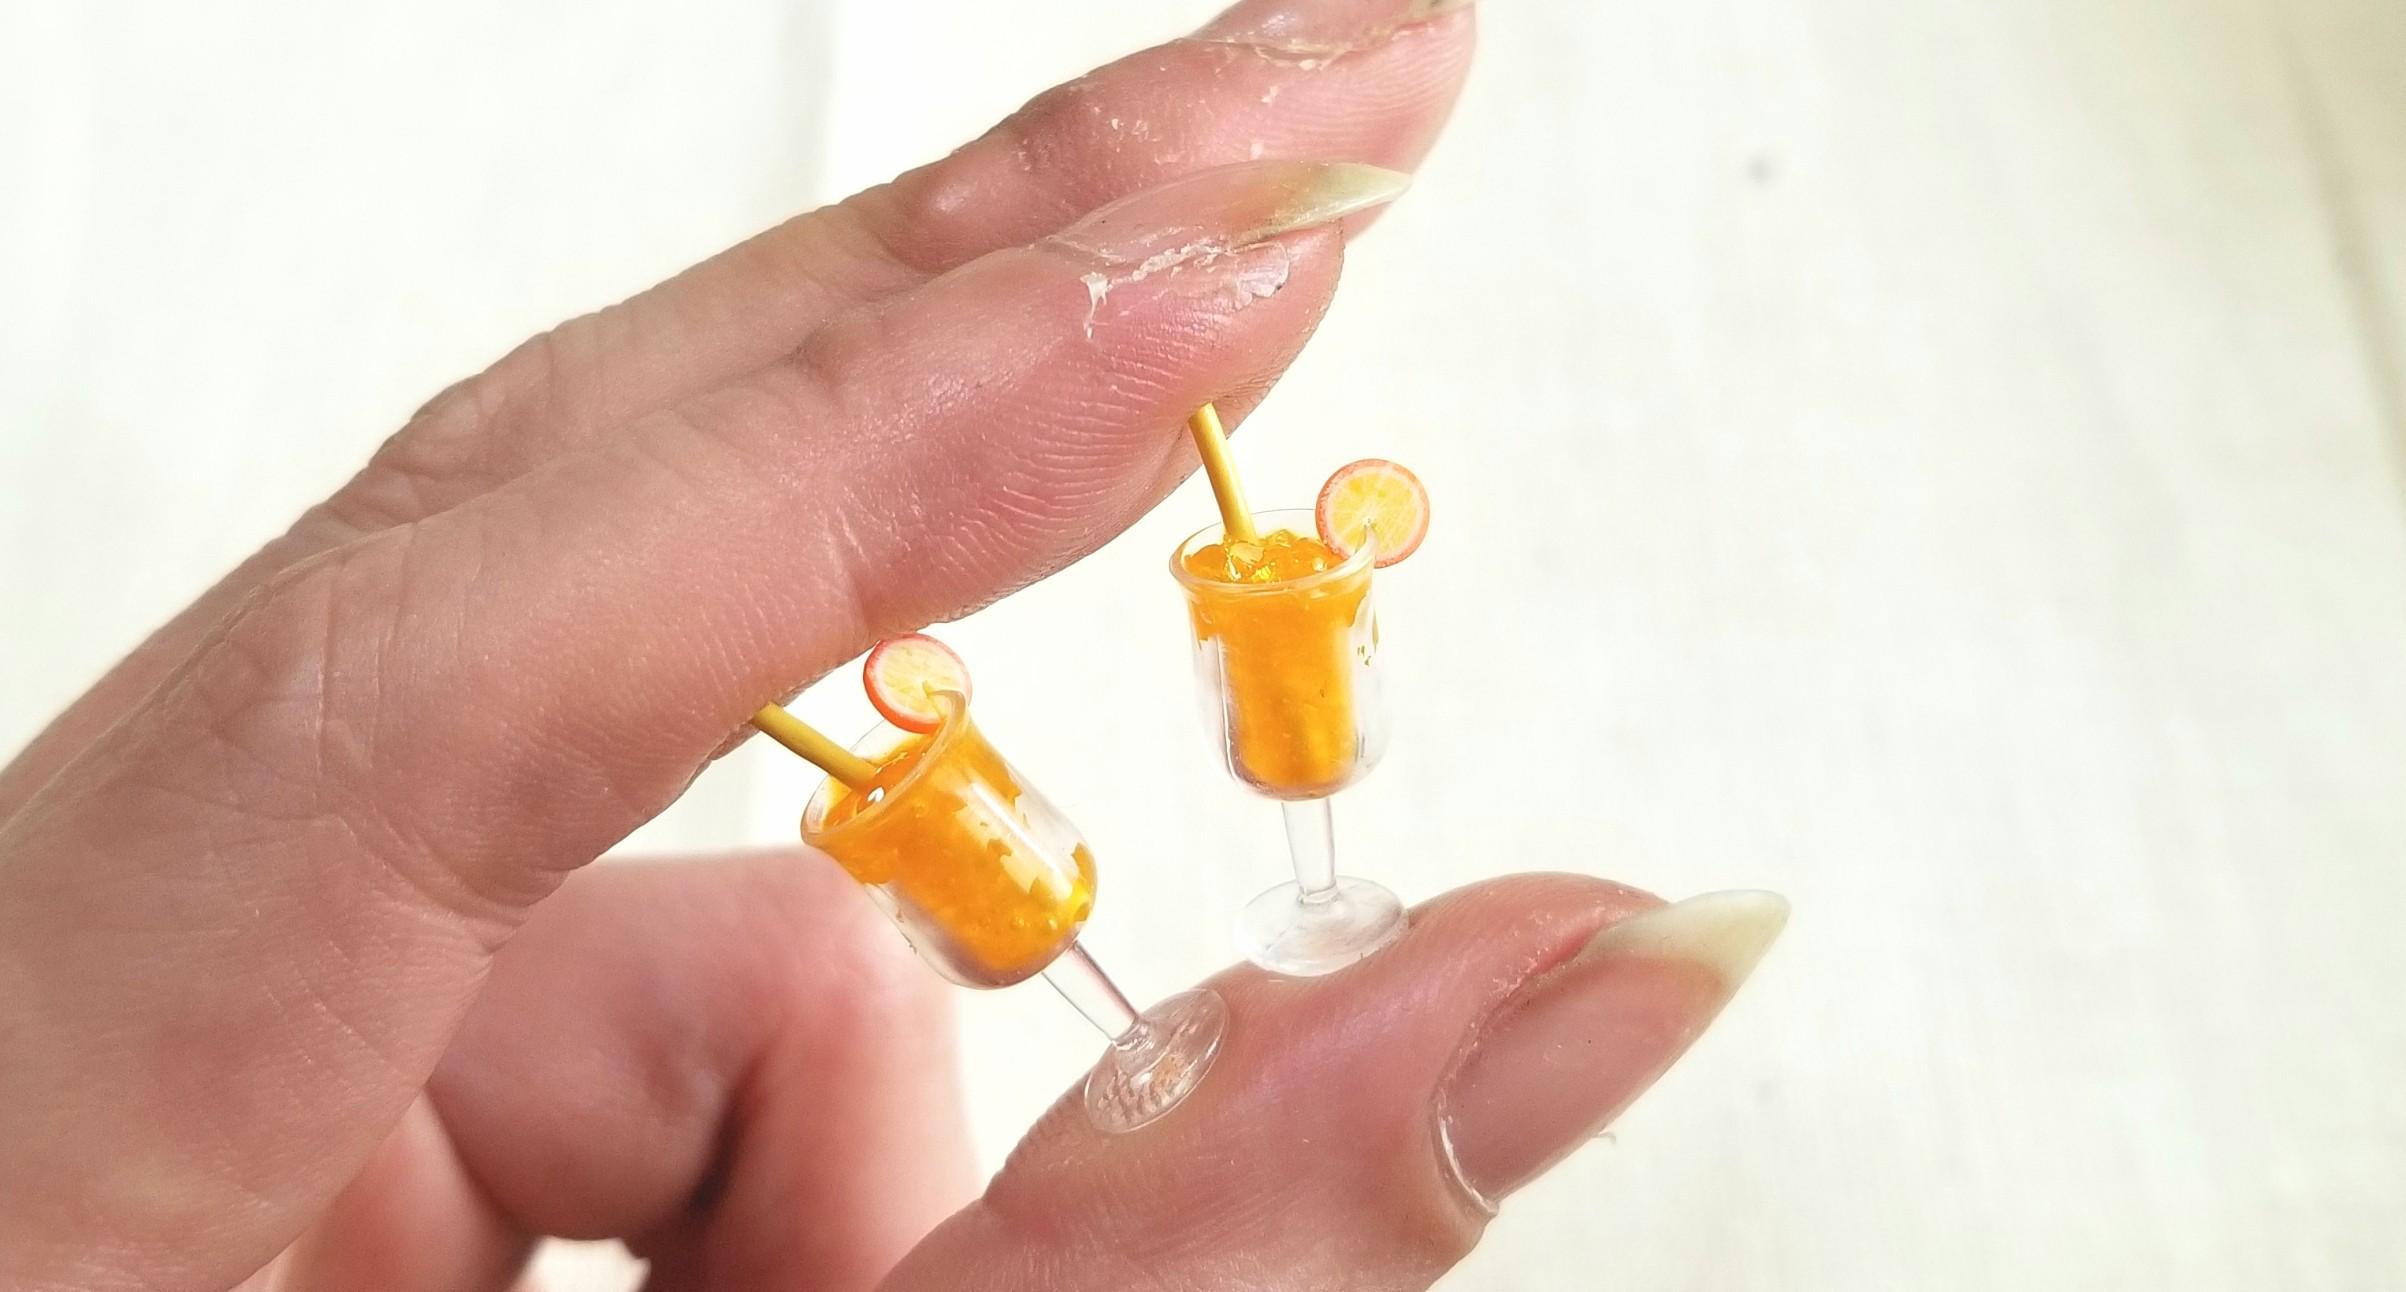 オレンジジュース,ミニチュア,レジン,オビツろいど,キューポッシュ